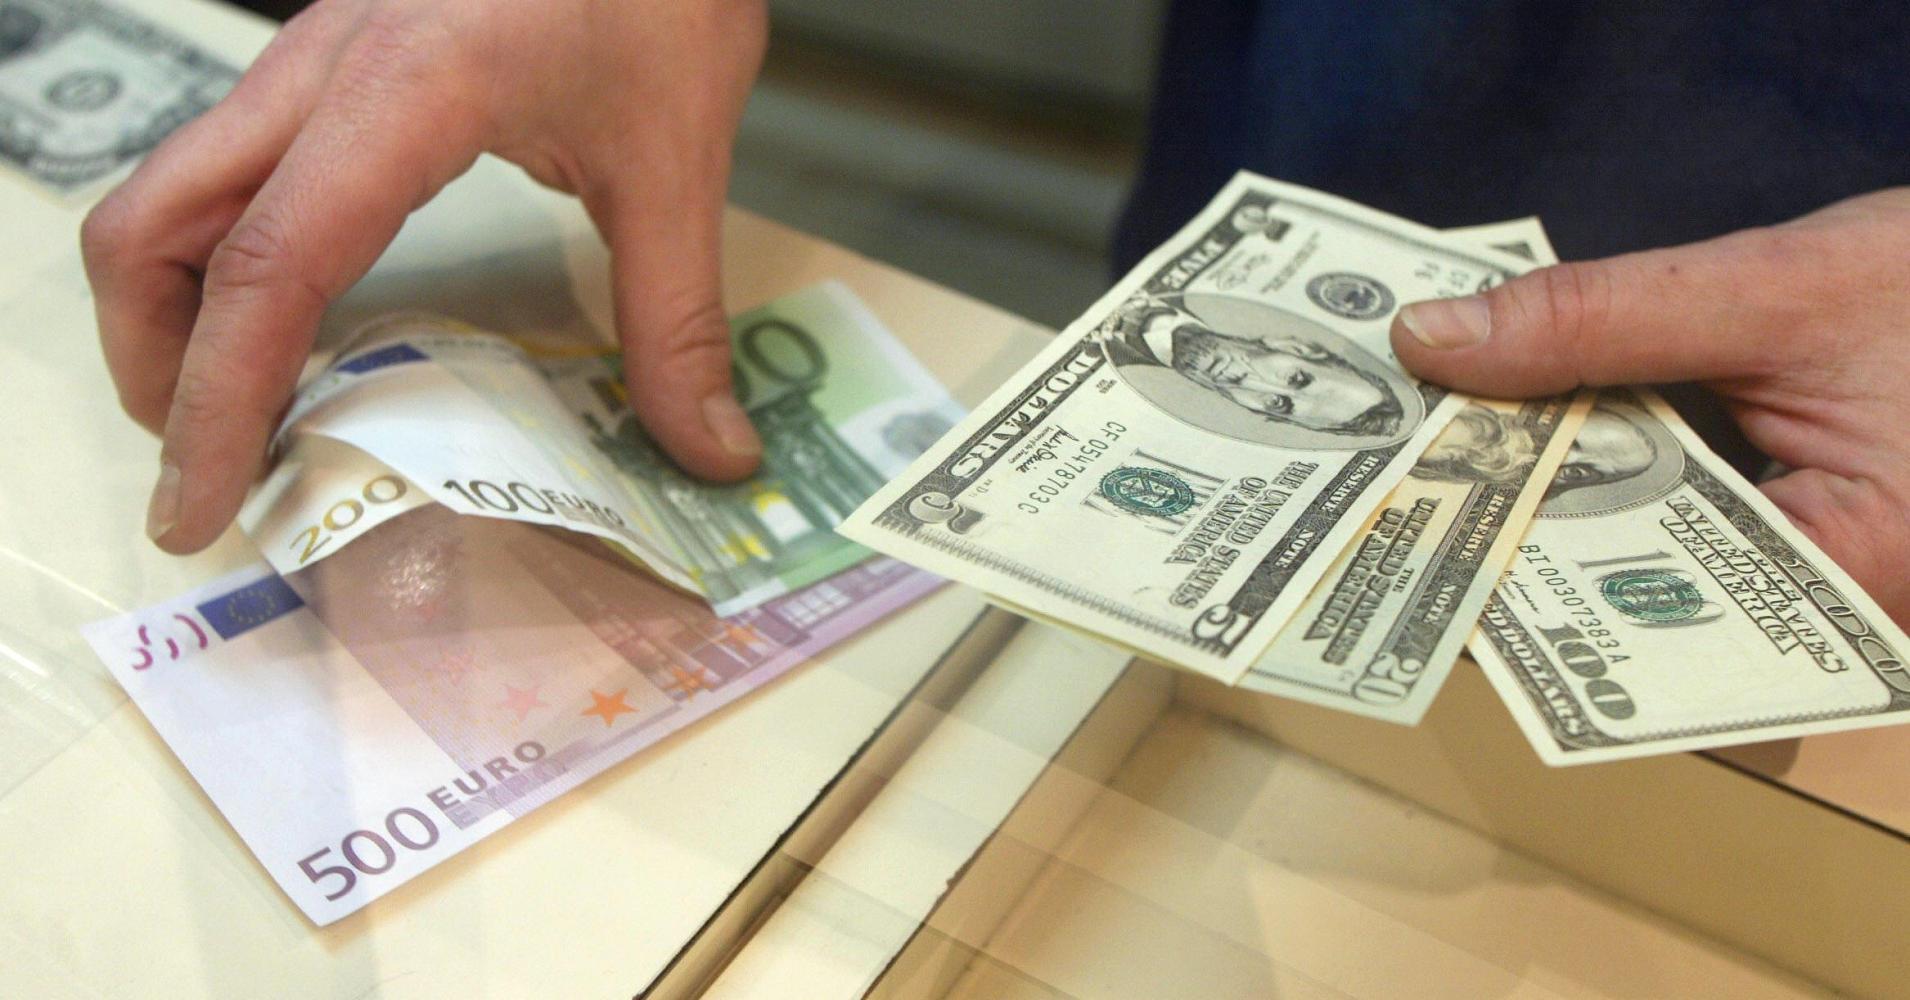 قیمت دلار در بازار امروز پنجشنبه ۸ آبان ۹۹/ کاهش شاخص ارزی در کانال ۲۷